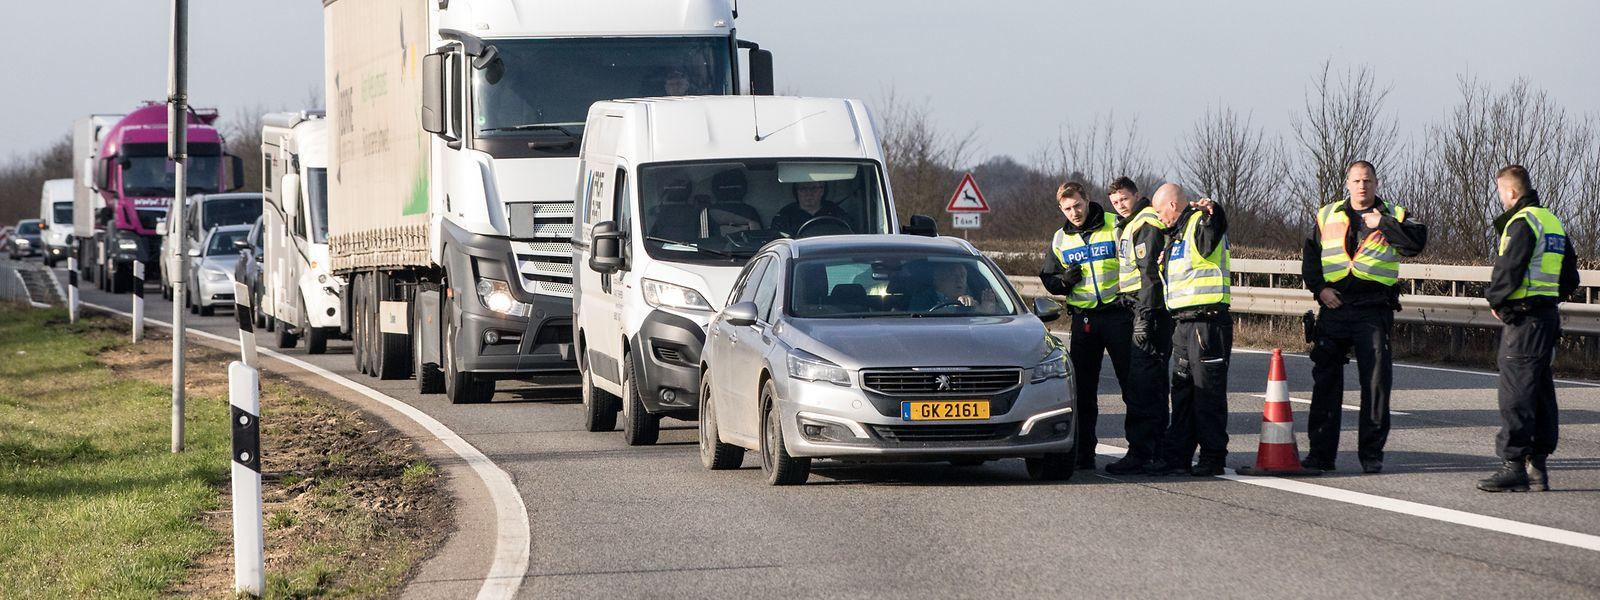 Polizeikontrollen am Rastplatz Markusbierg auf der deutschen Autobahn A64 bei Trier.